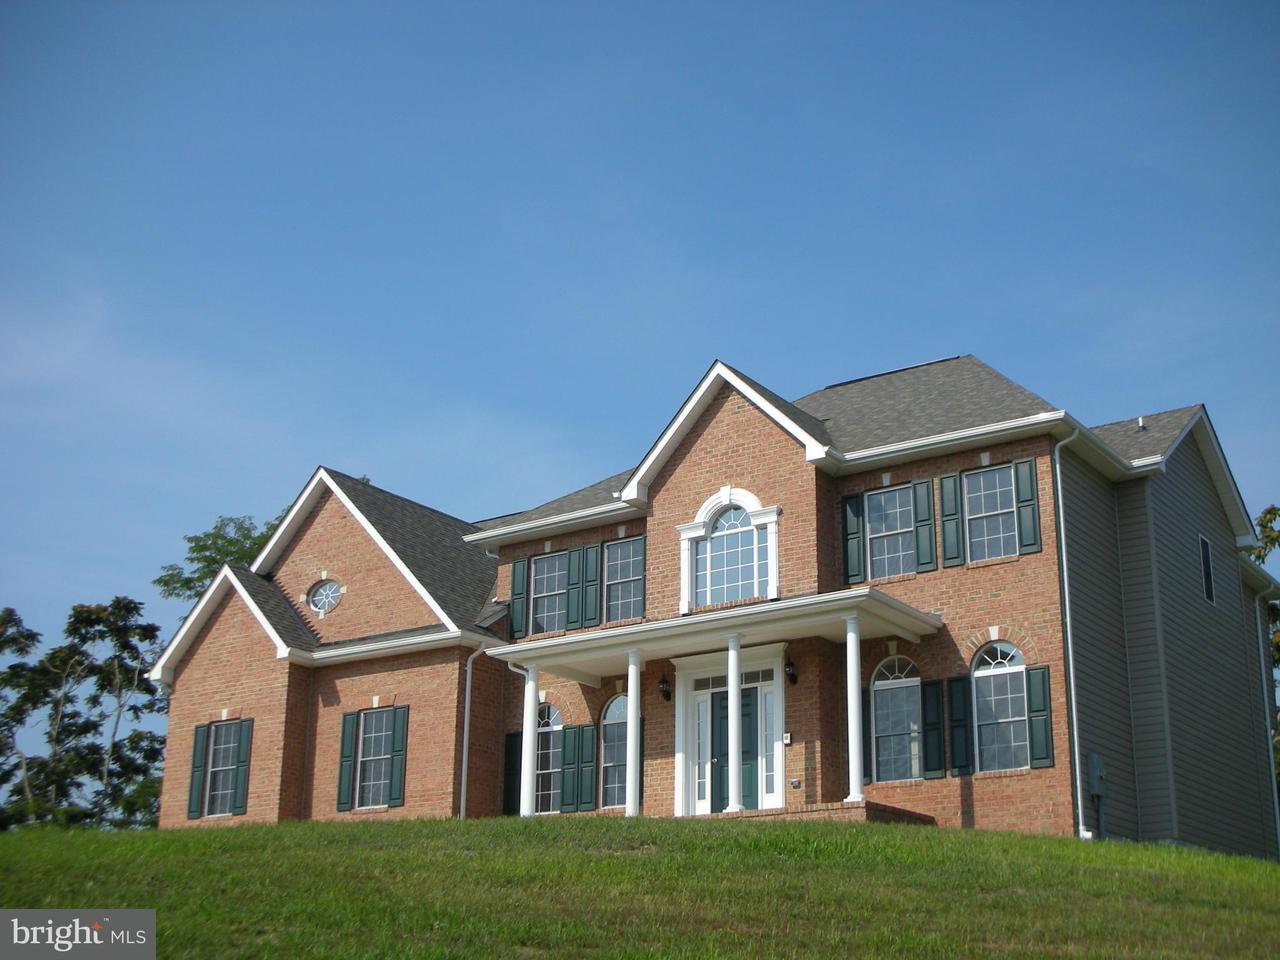 Maison unifamiliale pour l Vente à 7239 JOCKEY Court 7239 JOCKEY Court Hughesville, Maryland 20637 États-Unis